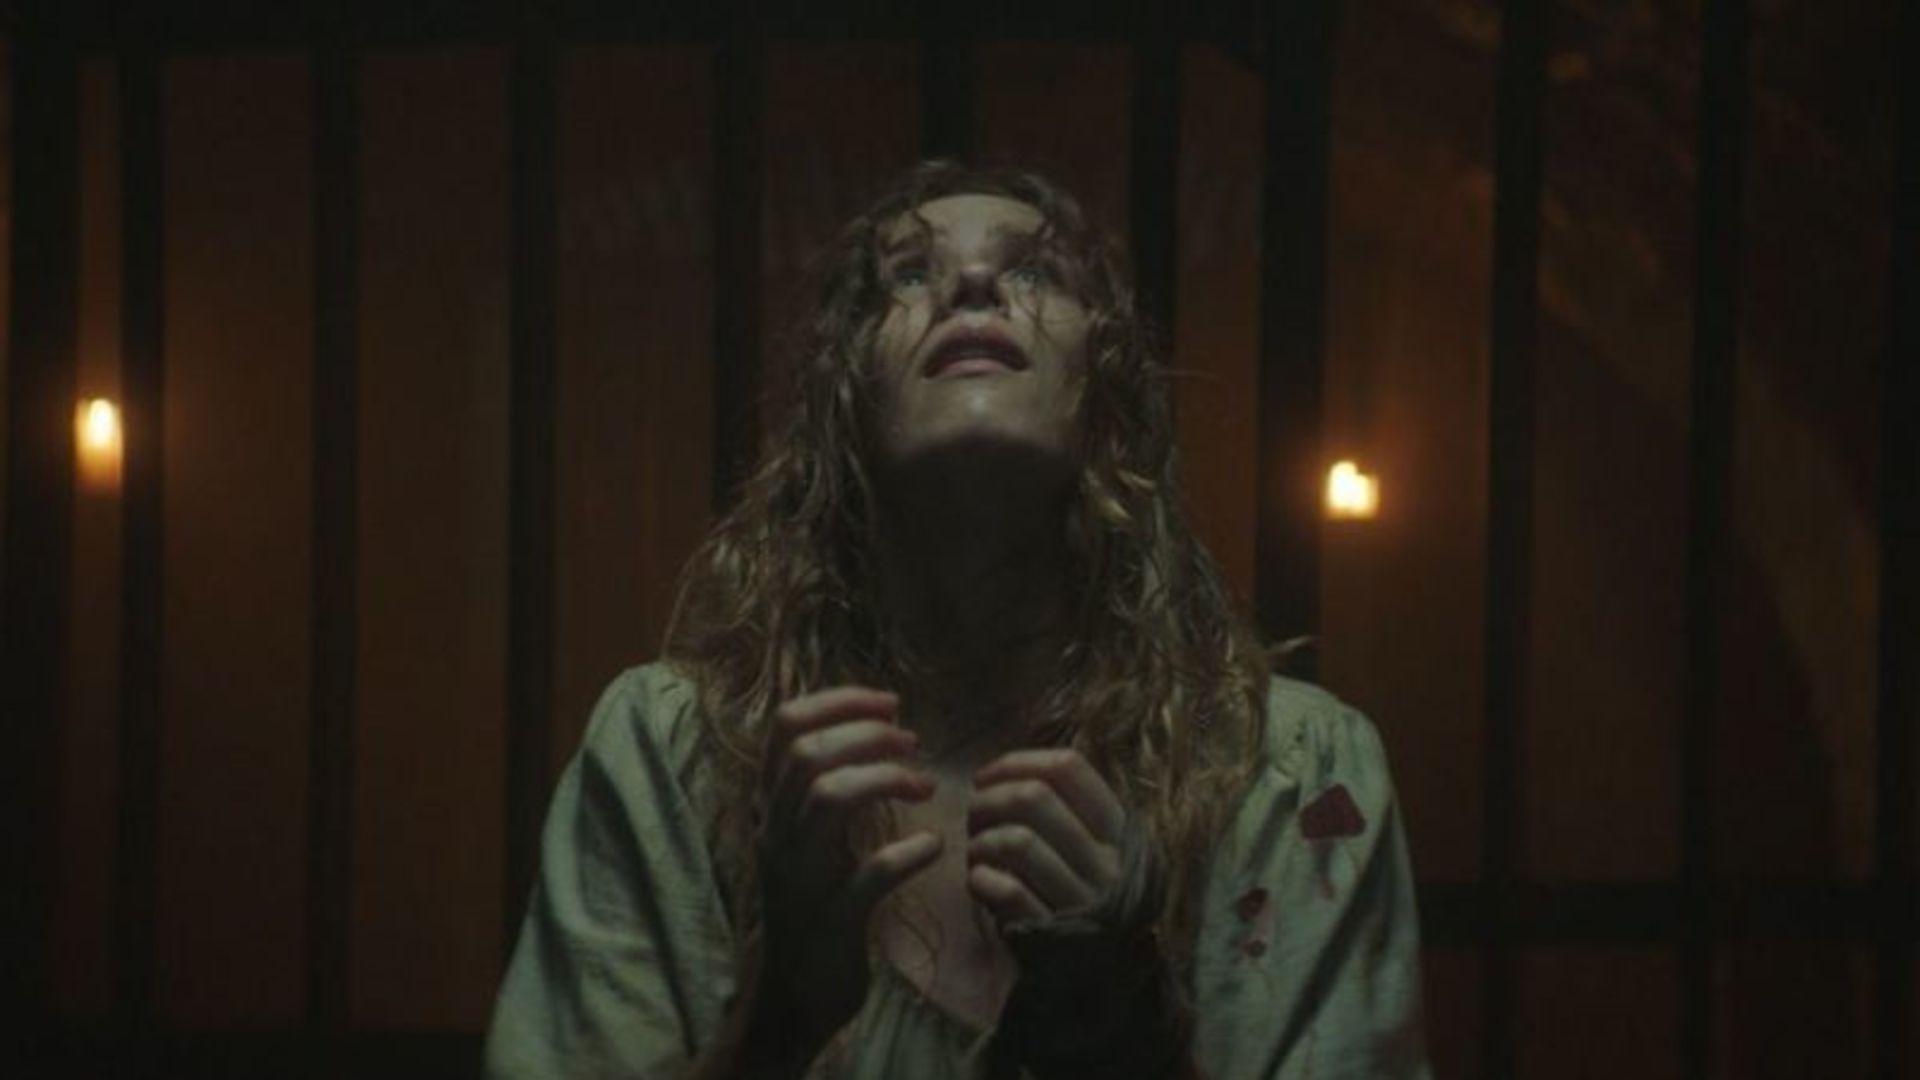 Horrorfilm 'The Reckoning' van Neil Marshall gekocht door Shudder